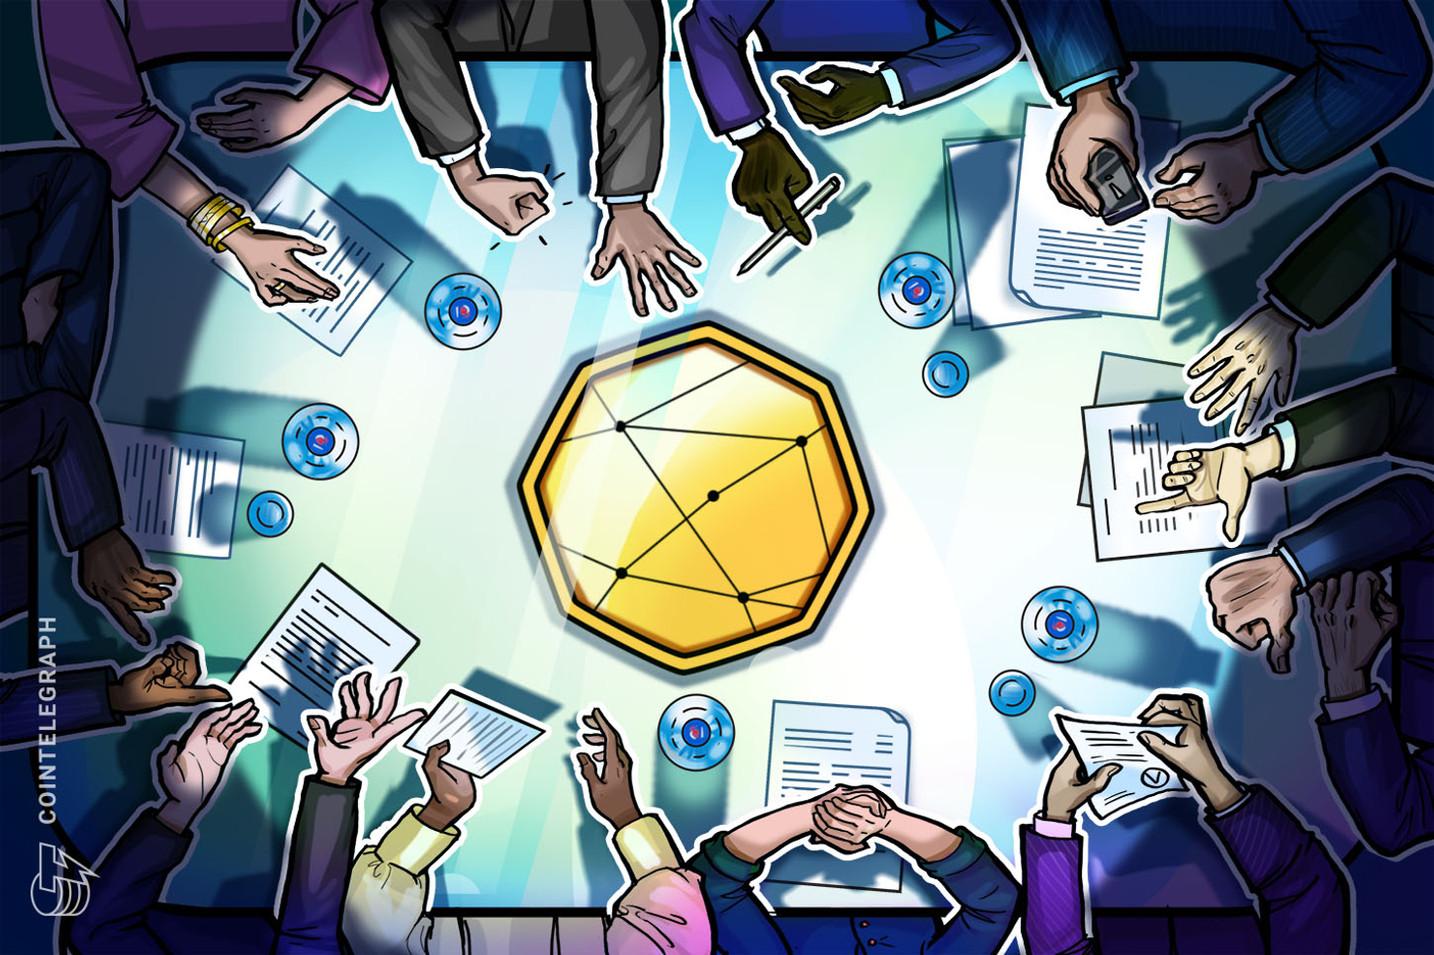 L'Italia presenta un progetto blockchain per tutelare il Made in Italy, in collaborazione con IBM